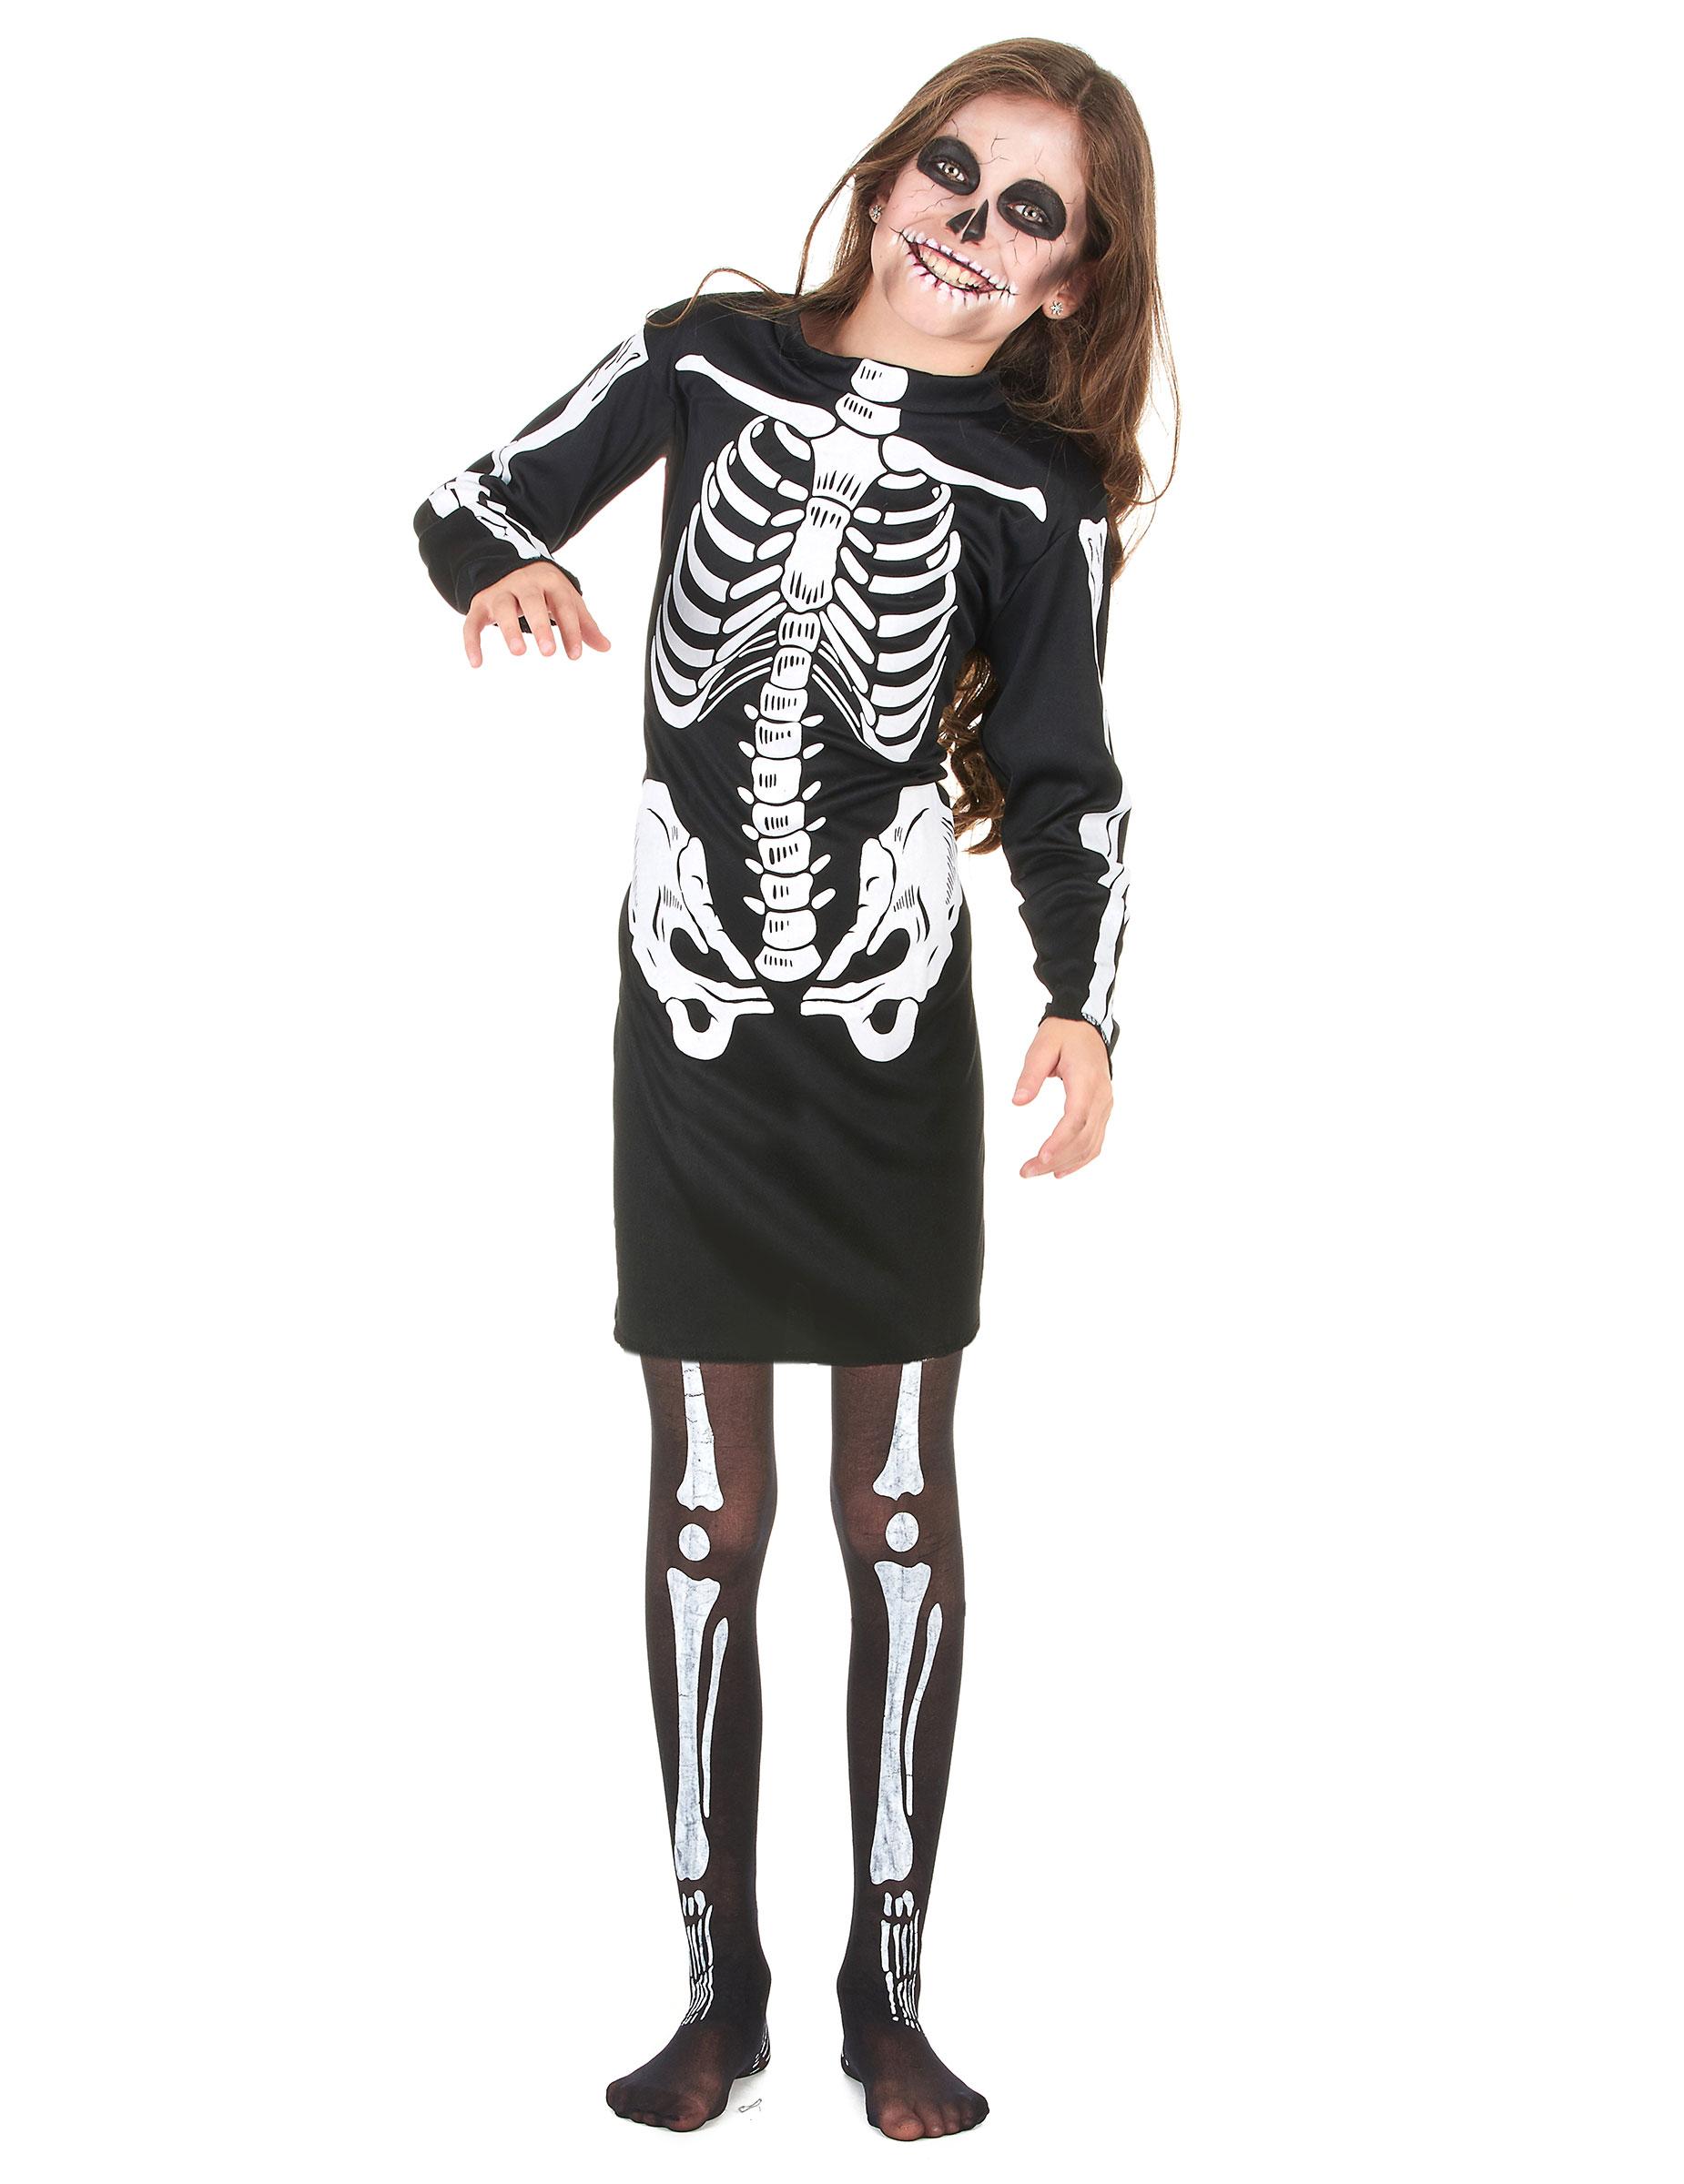 Eccezionale Costumi e vestiti di Halloween per bambine a prezzi imbattibili  BI95